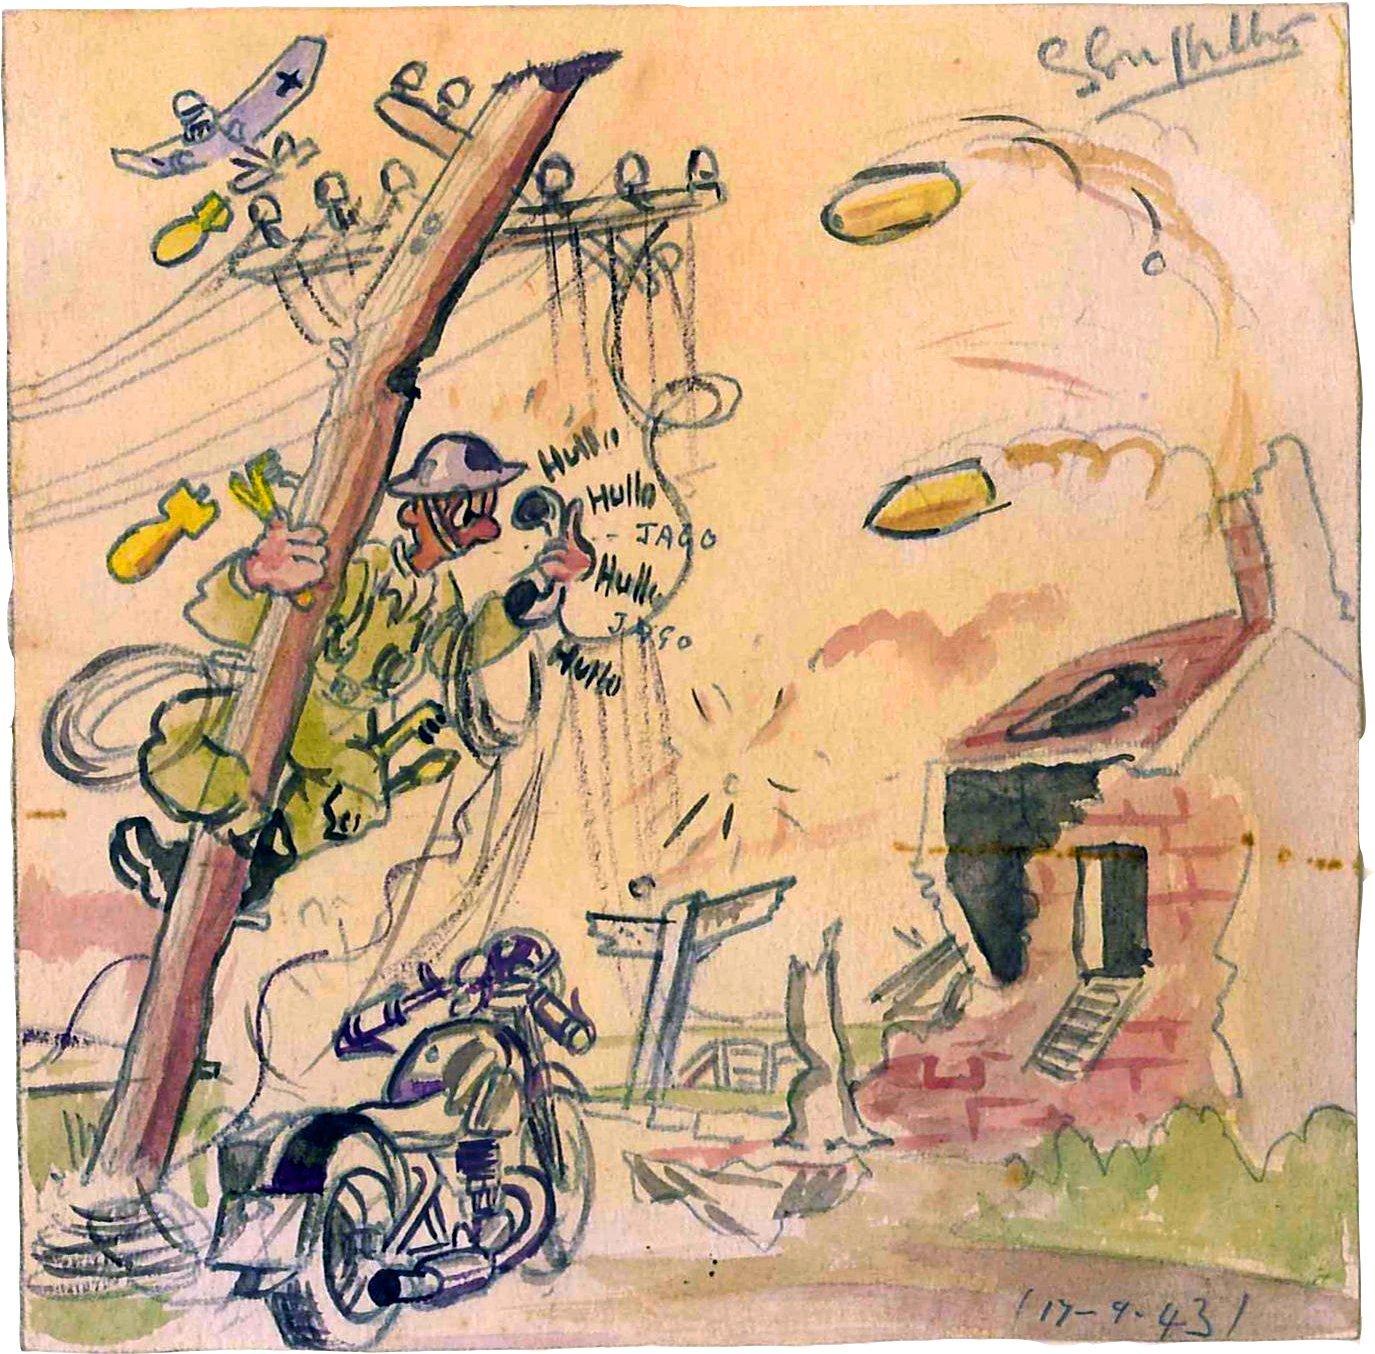 איור של נוטינג בו הוא מתאר את הלילה בו נפל בשבי. מקור - RolexMagazine.com.